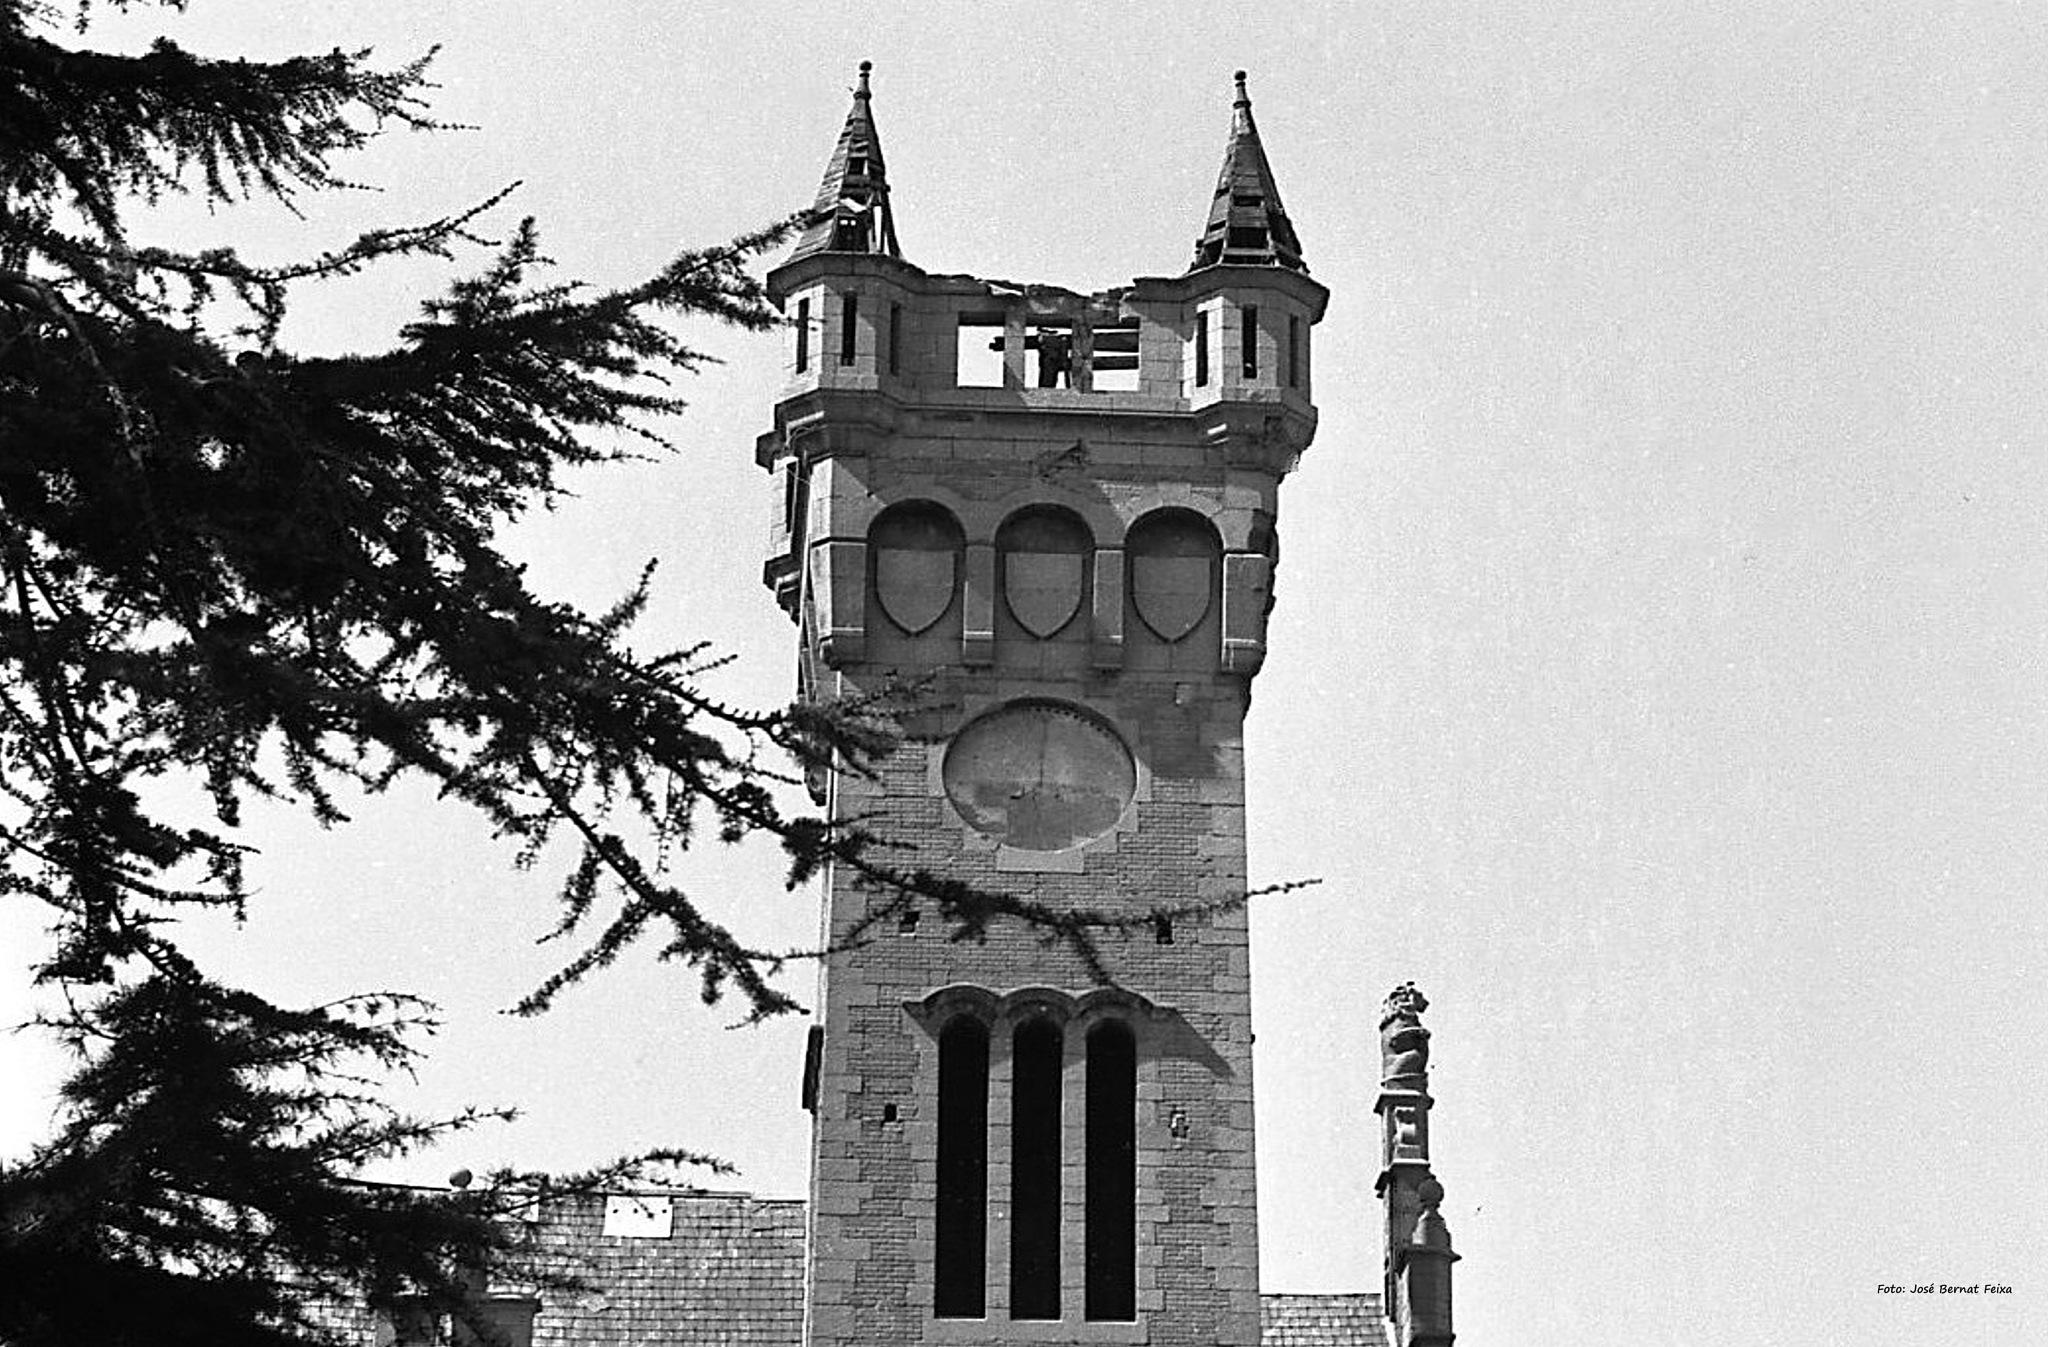 TORRE; TOREN; TOWER (60's) by José Bernat Feixa